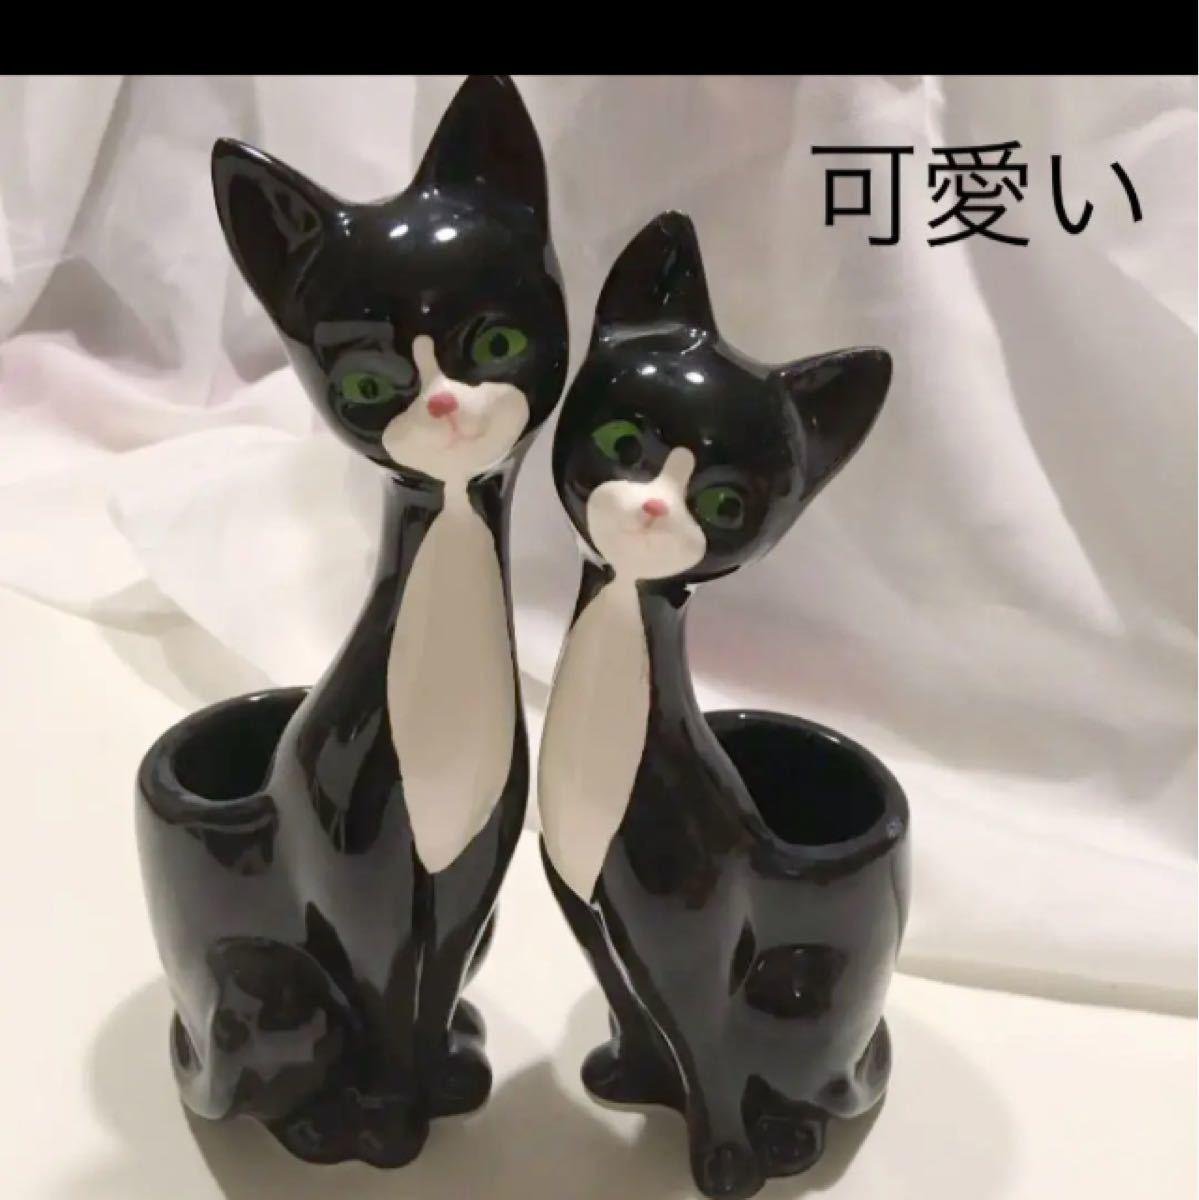 猫  フィギュリン 置物 雑貨 陶器 猫グッズ 猫飾り 猫小物 猫雑貨 猫顔